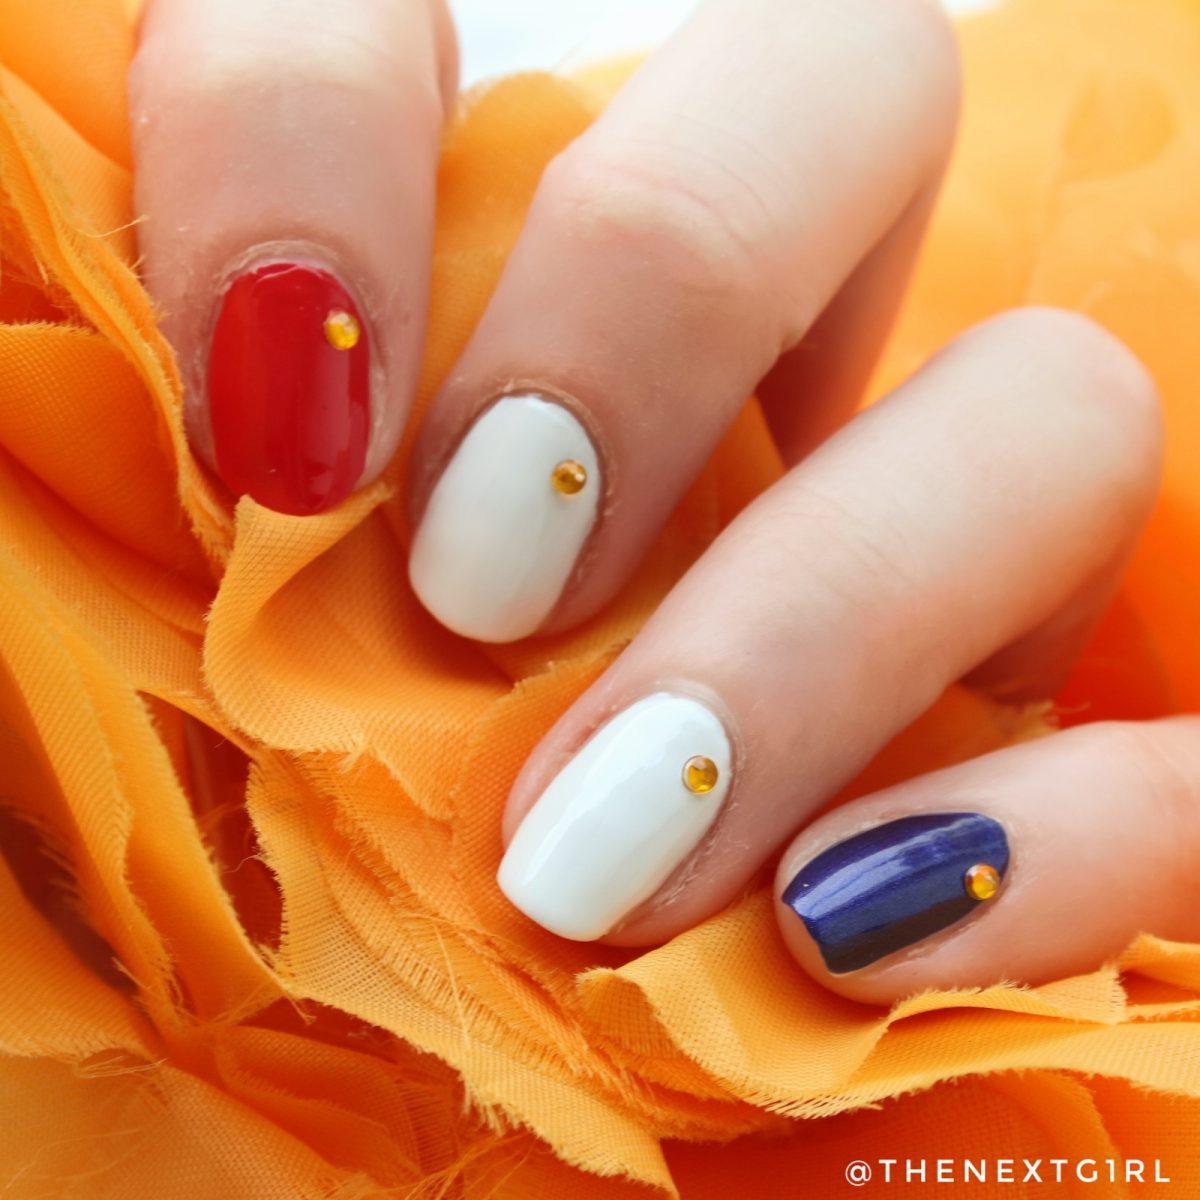 Koningsdag 2020 nailart nederlandse vlag oranje